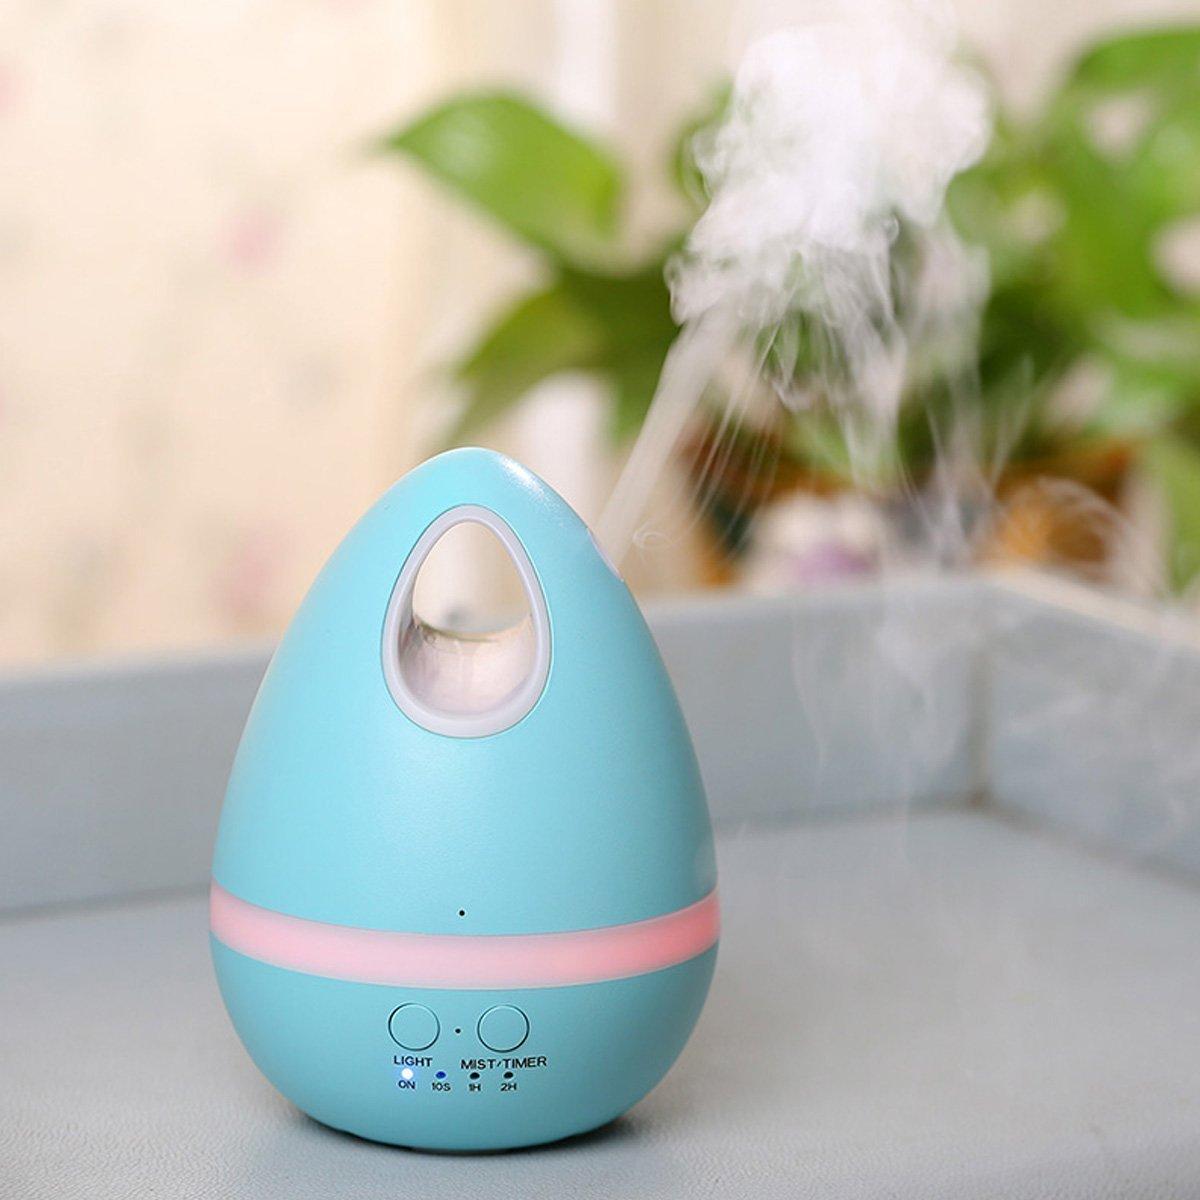 Дезинфекция воздуха с помощью увлажнителя воздуха